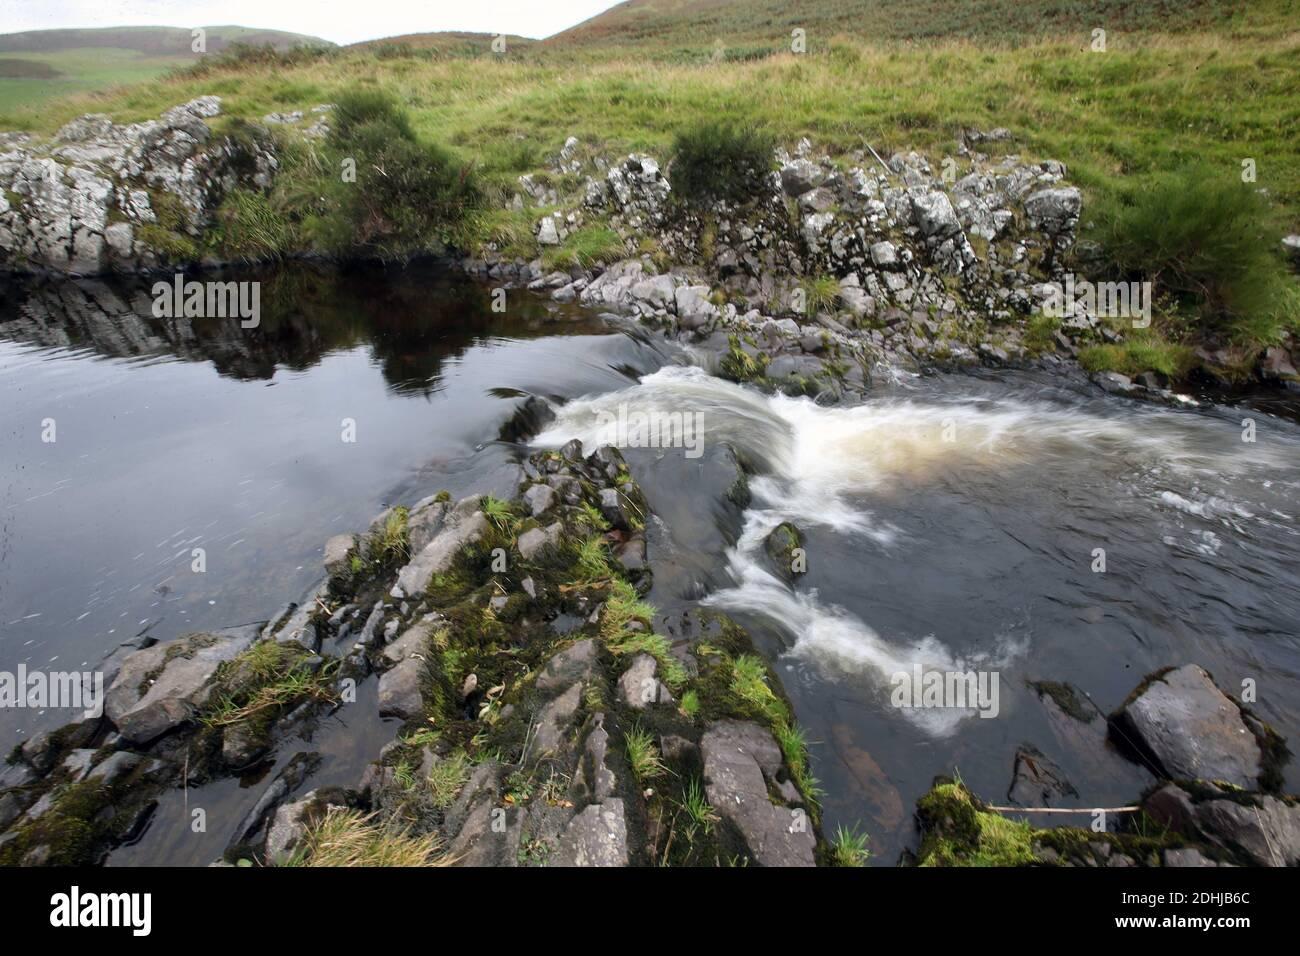 Der Fluss Coquet. Ein Pool gleich unten von Barrowburn.Samstag 3. Oktober 2020. Stockfoto